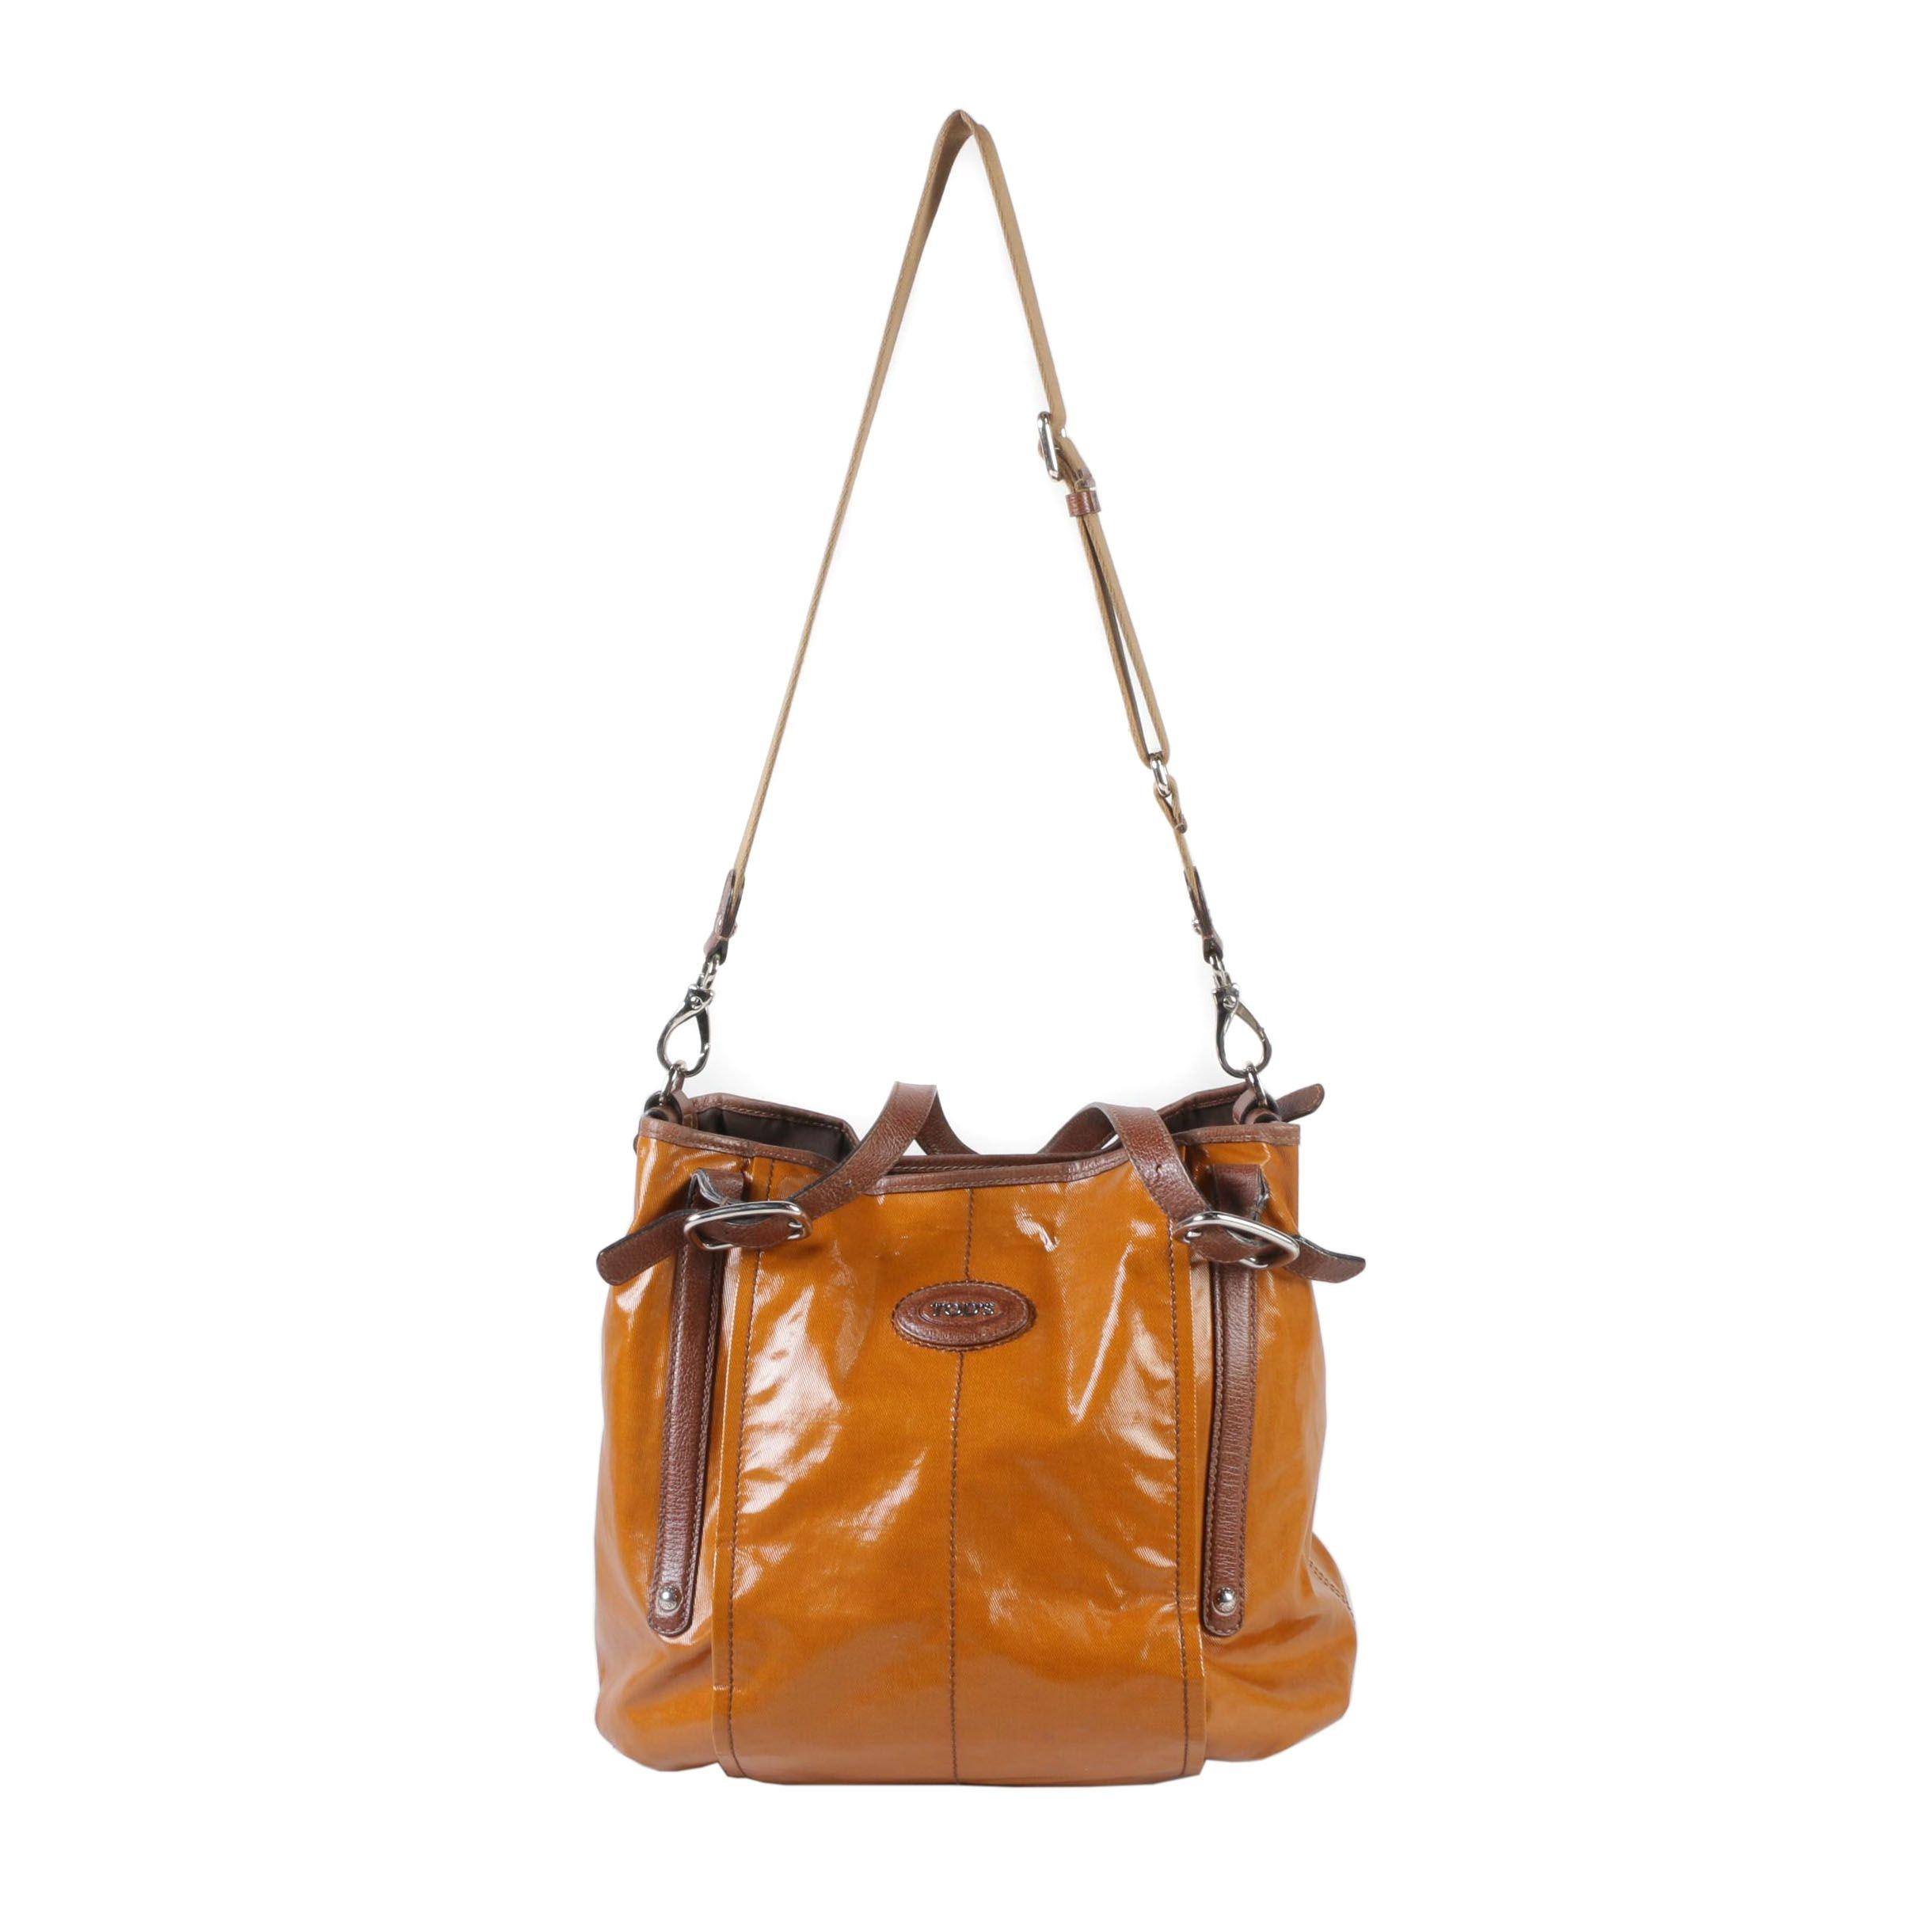 Tod's Russet Brown Coated Canvas Handbag with Adjustable Shoulder Strap